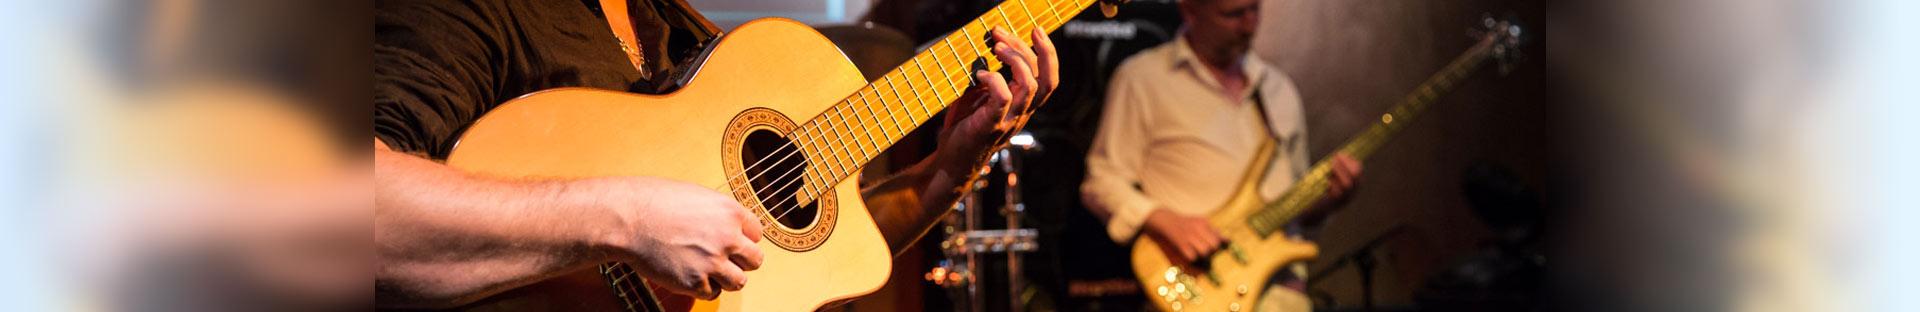 gitaar muziekles groningen